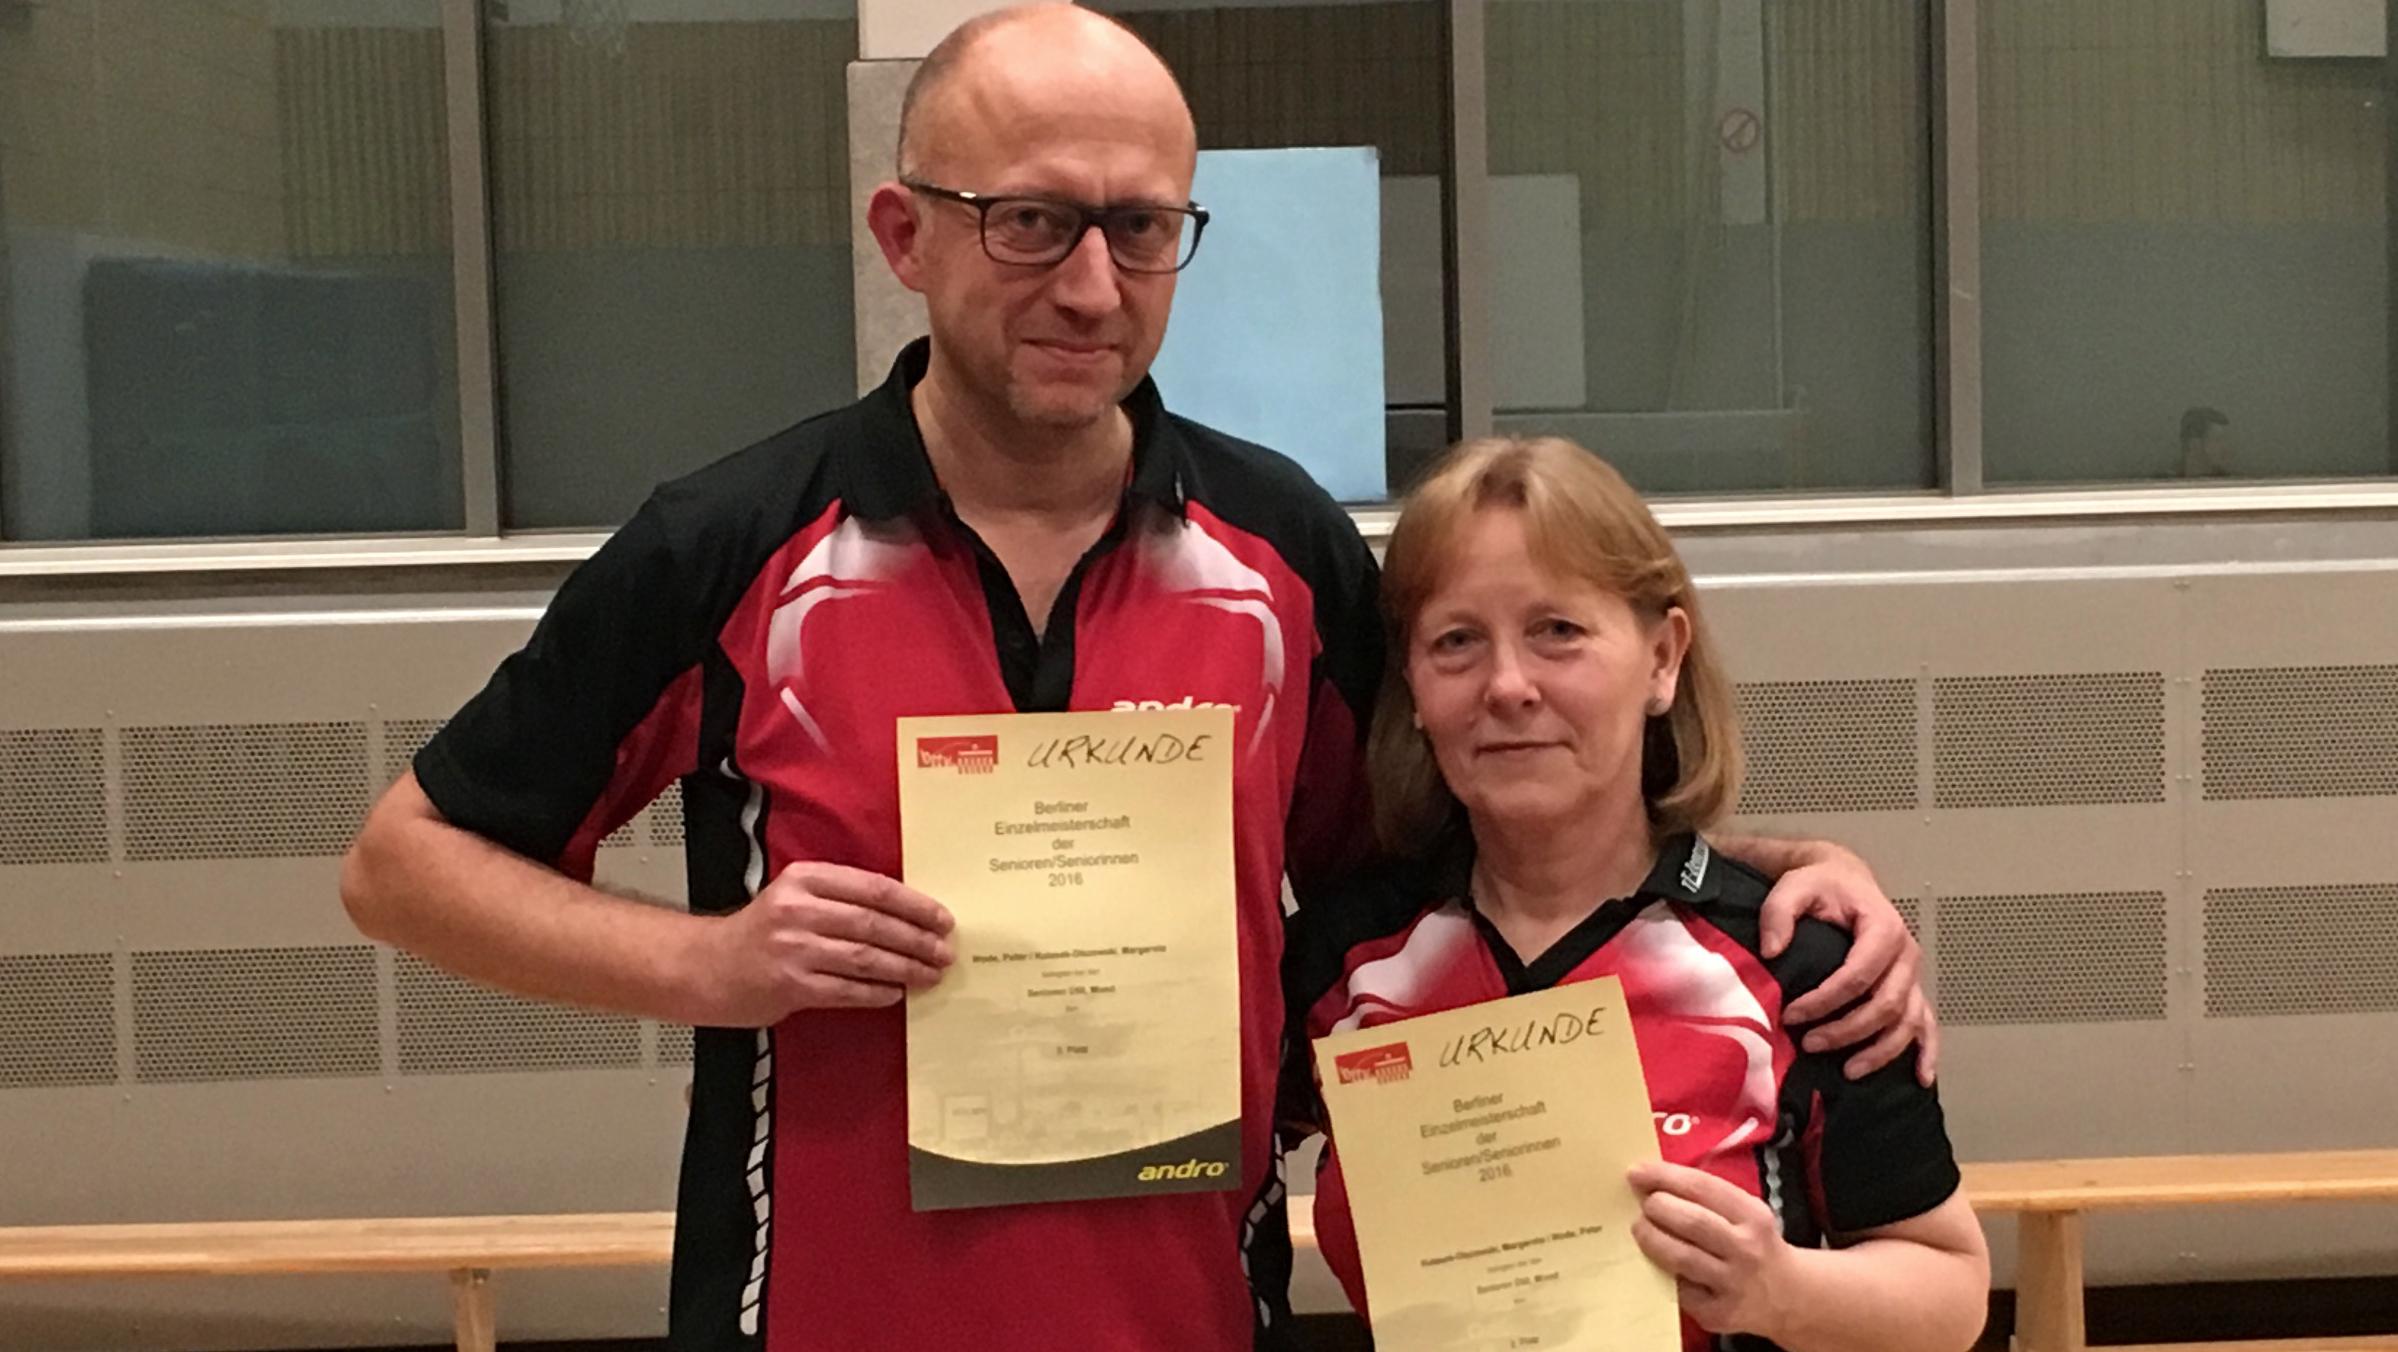 Berliner Einzelmeisterschaften der Seniorinnen und Senioren: 3. Platz im Mixed für Margarete und Peter.